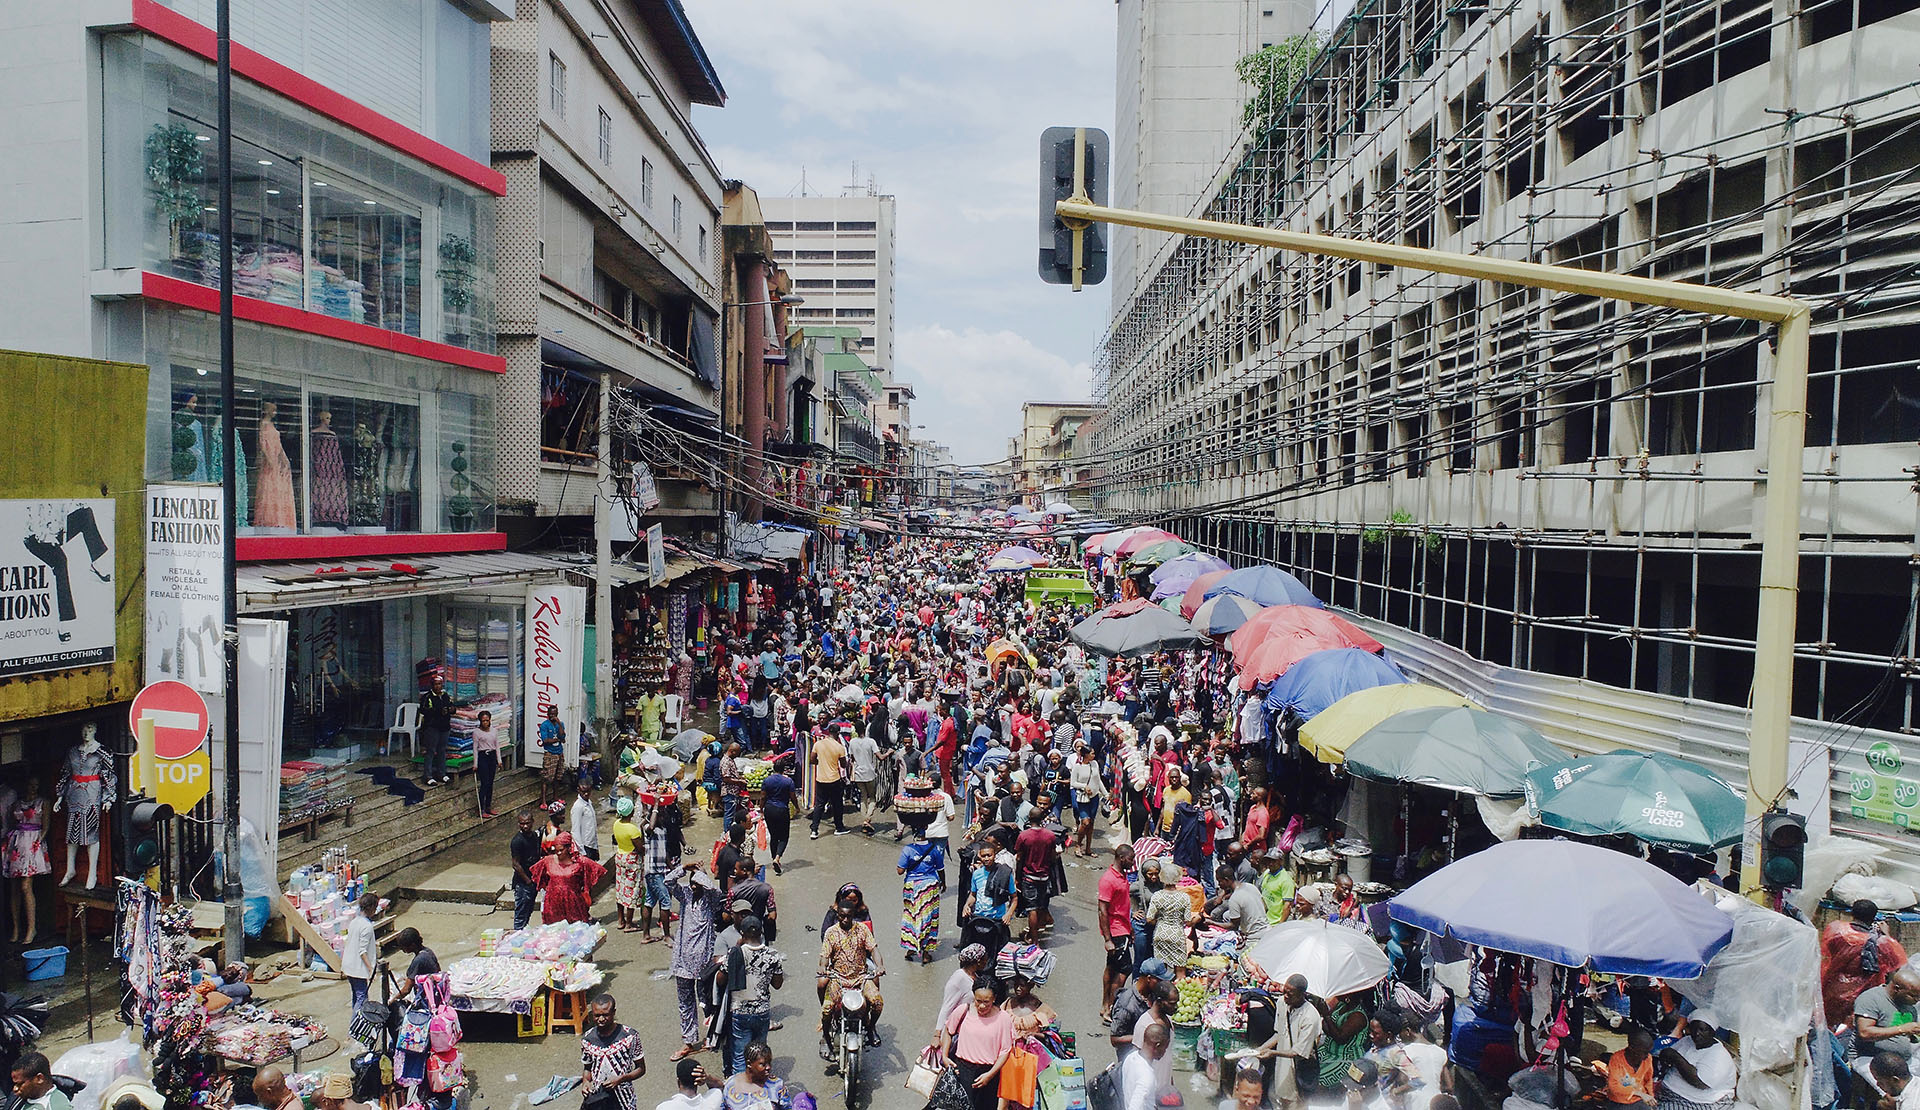 ANTES - Nigeria, una de las naciones más pobladas del mundo, antes del coronavirus (Shutterstock)